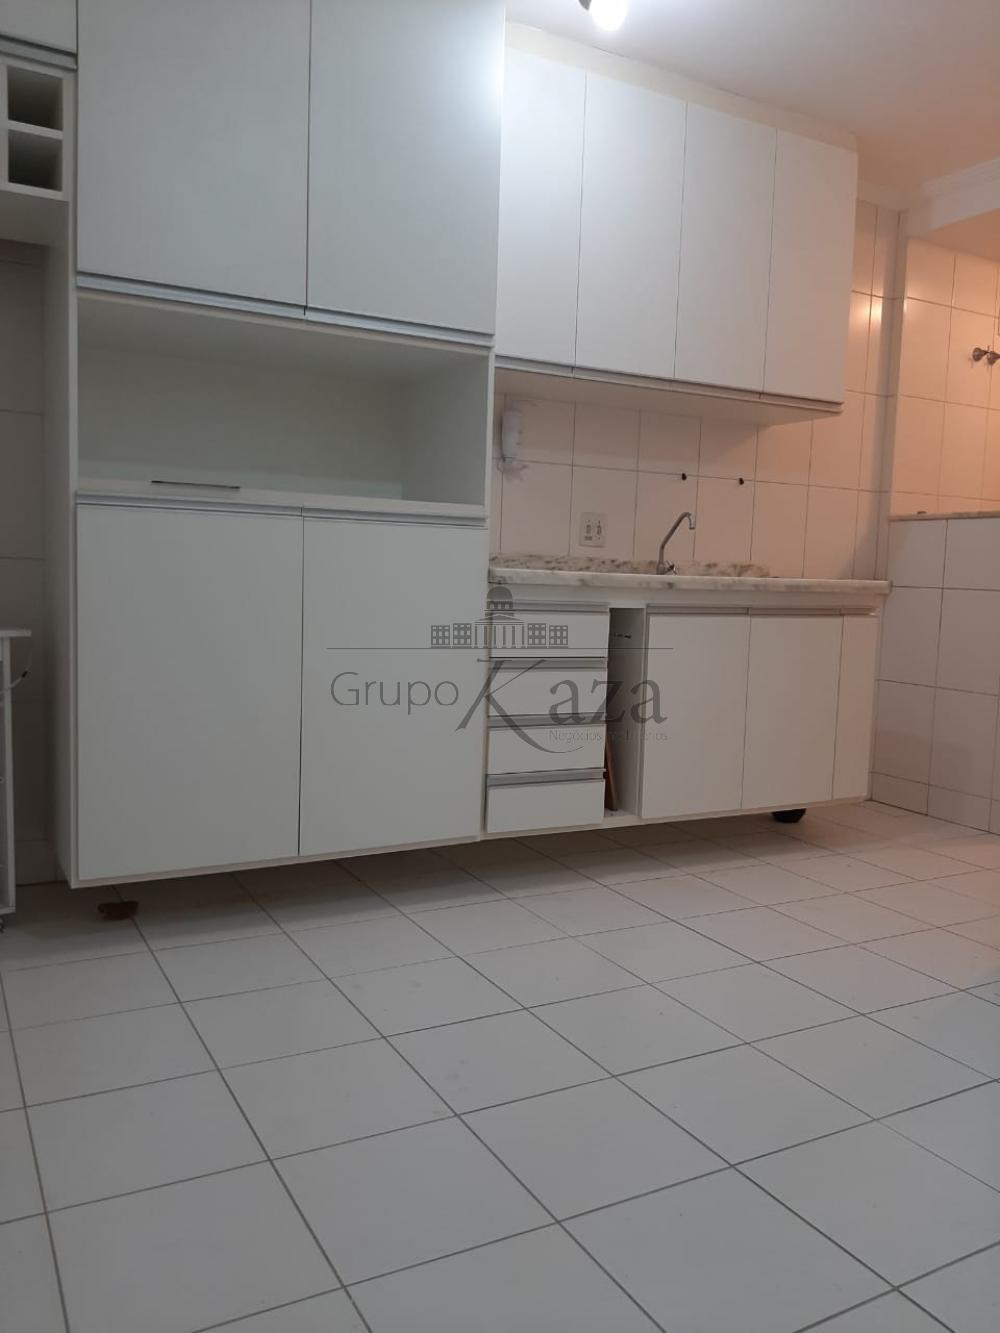 alt='Comprar Apartamento / Padrão em São José dos Campos R$ 380.000,00 - Foto 7' title='Comprar Apartamento / Padrão em São José dos Campos R$ 380.000,00 - Foto 7'